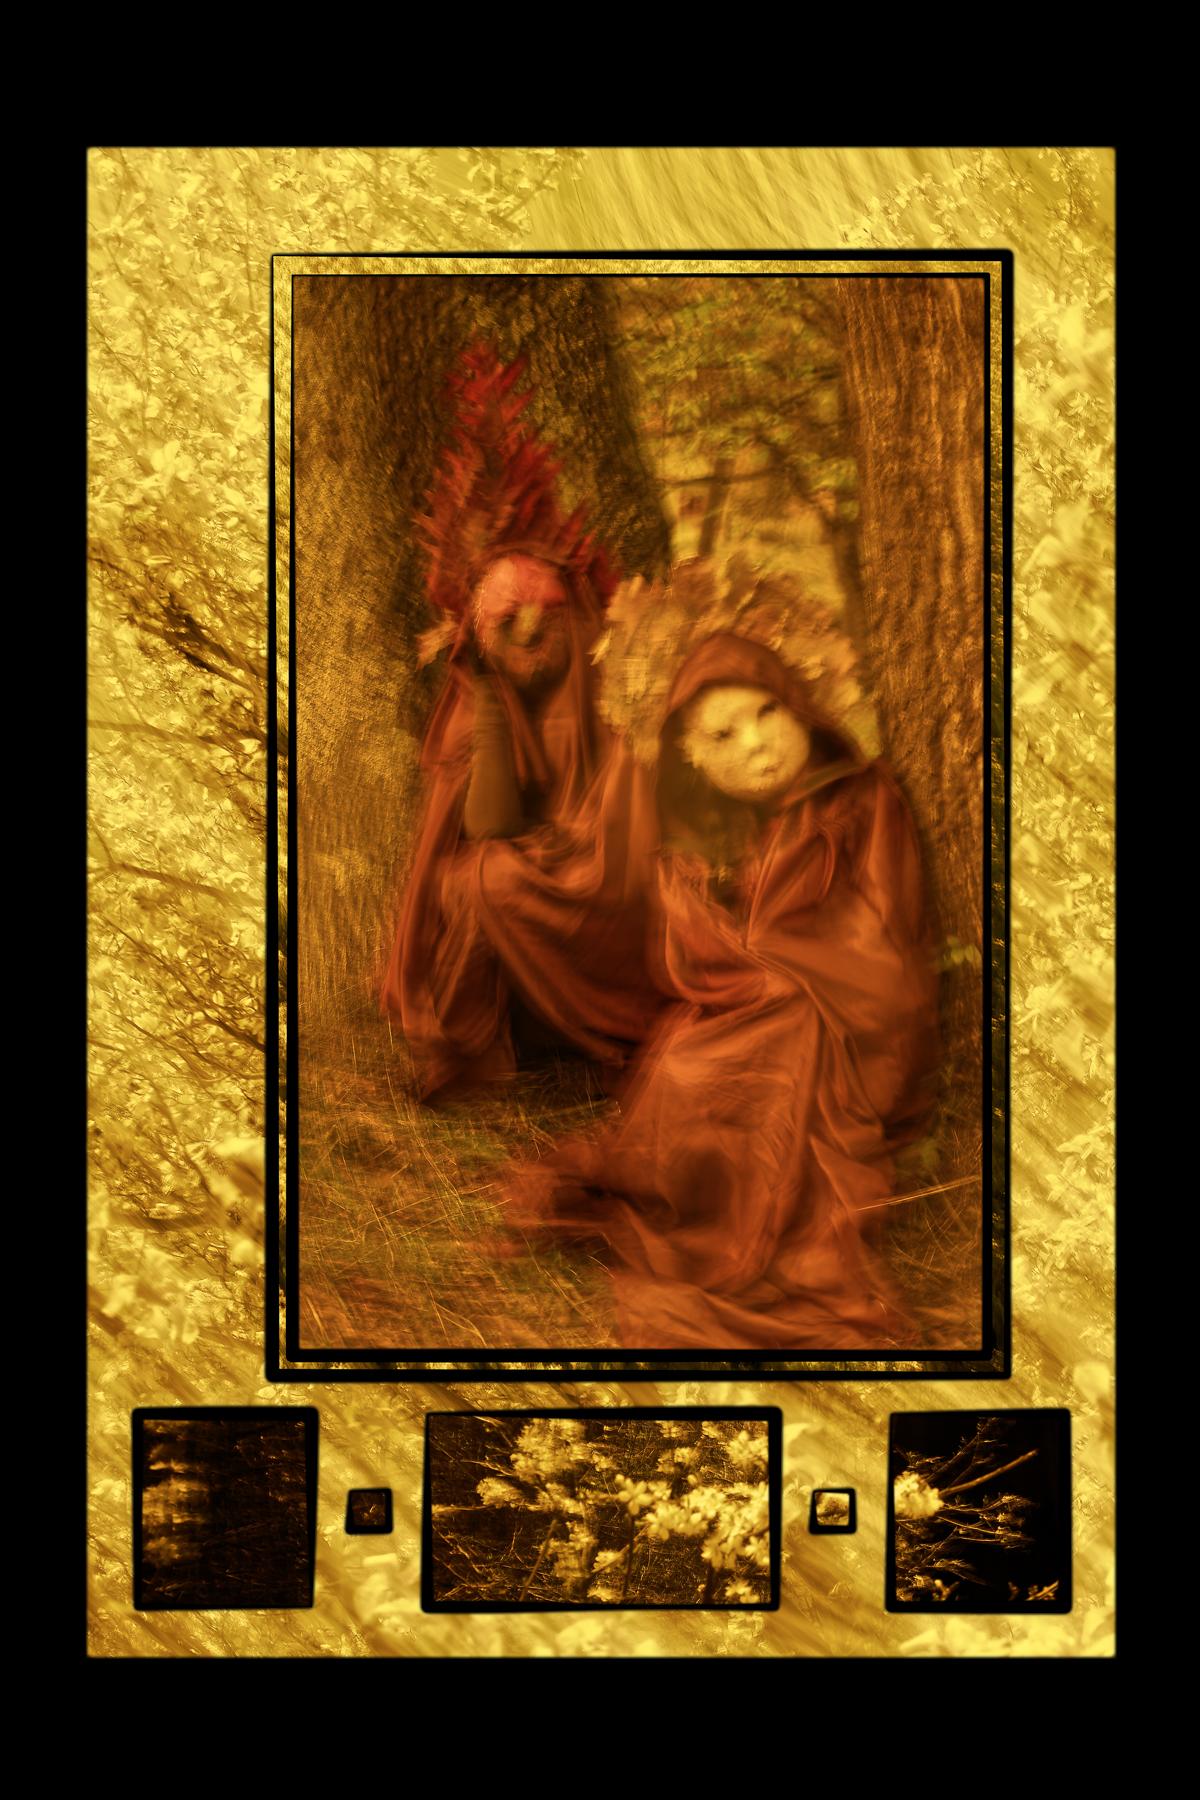 Danie_Munteanu_Polyptych Compositions_Spirit Woods Doorway_1.jpg